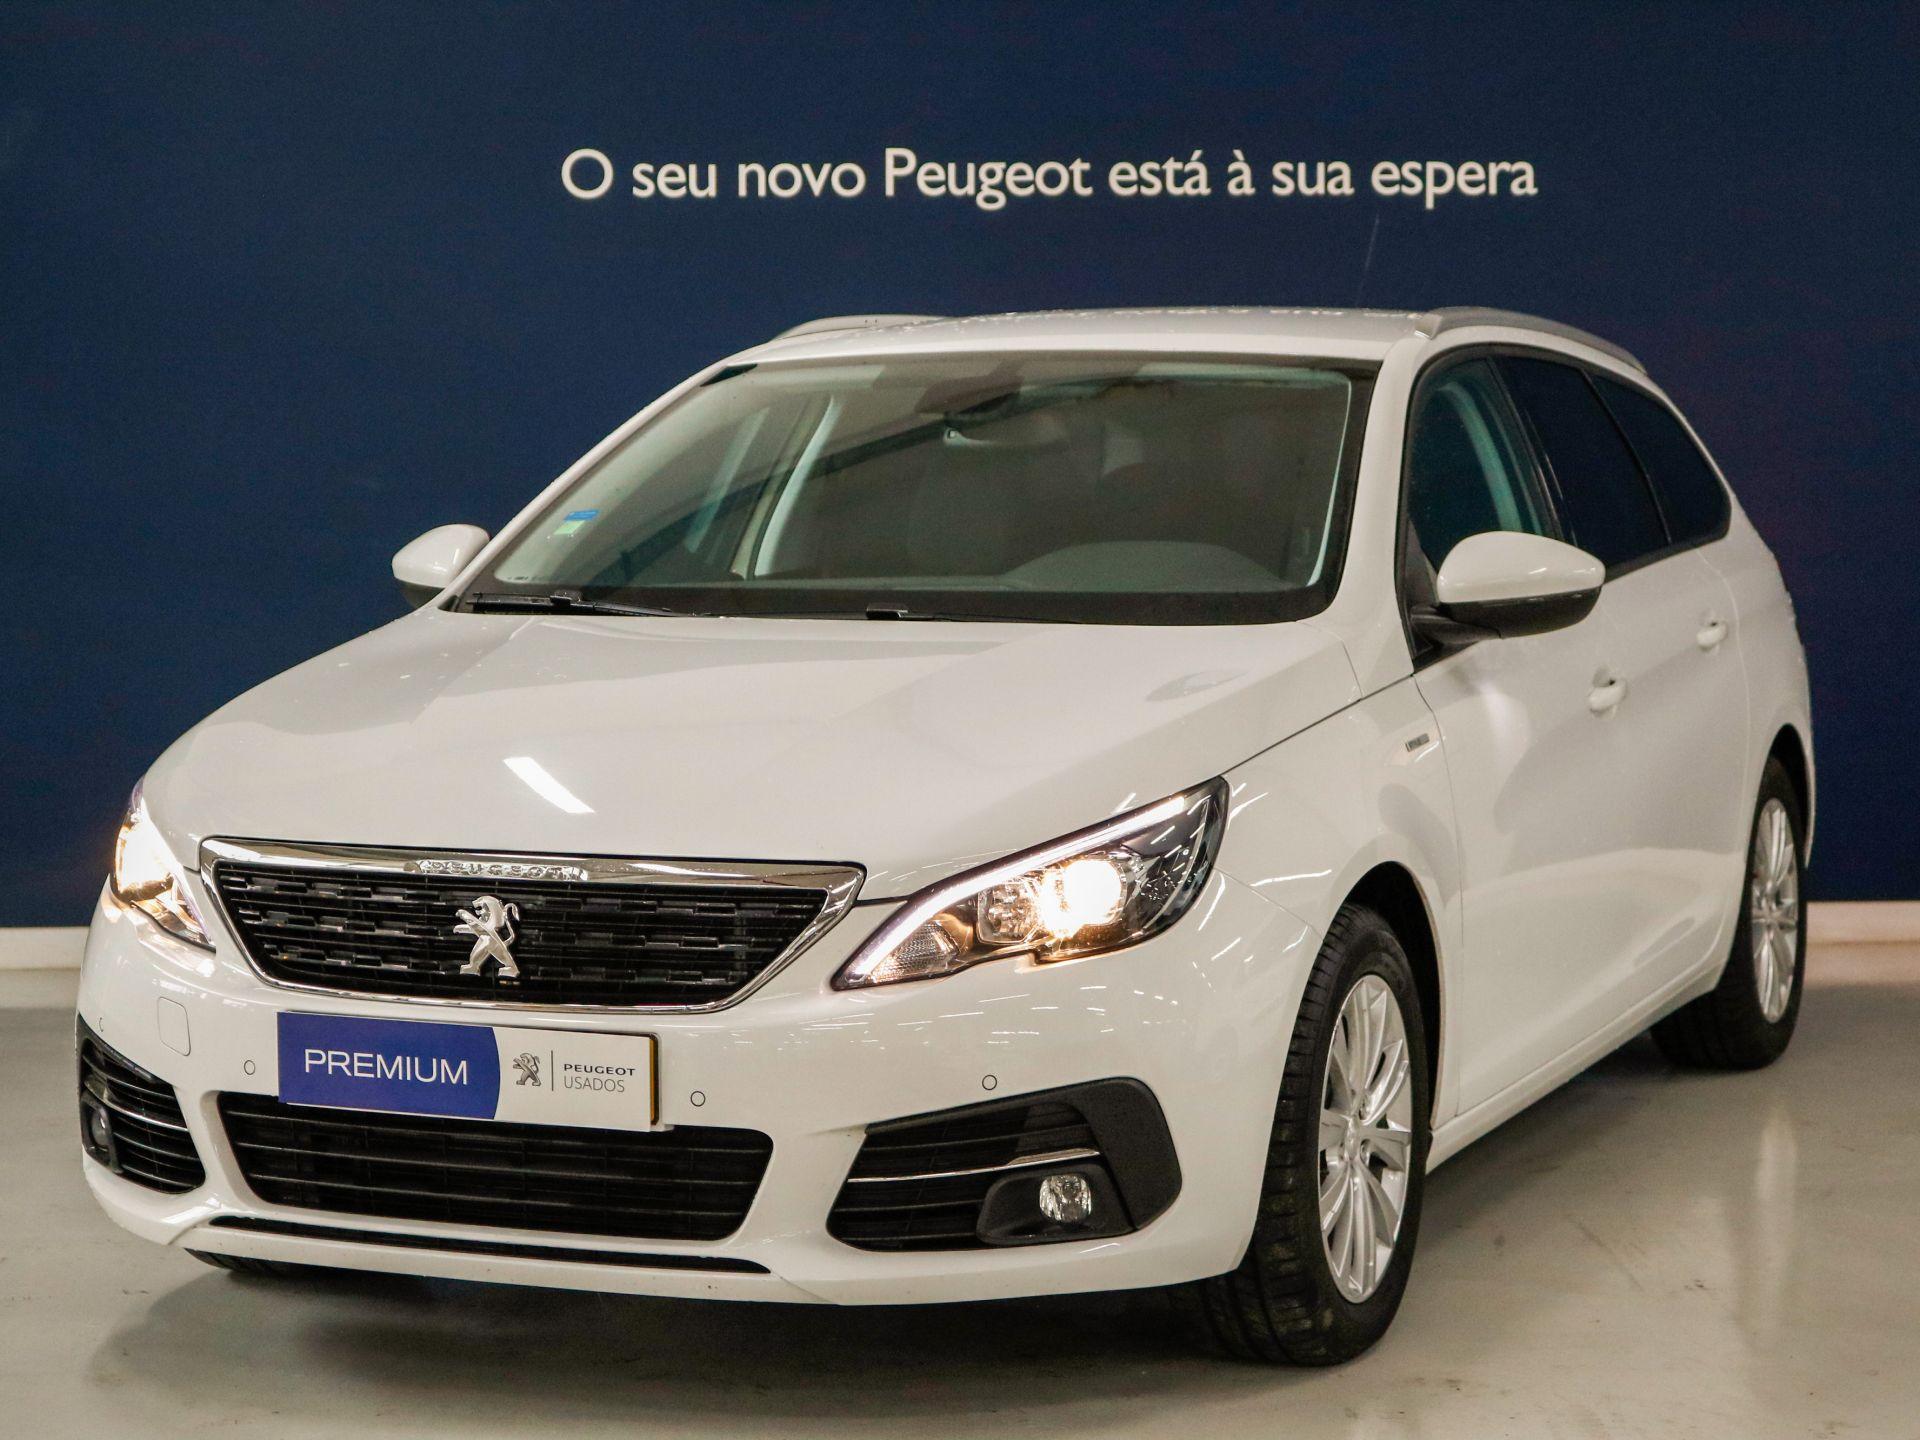 Peugeot 308 SW Style 1.2 PureTech 130cv Eu 6.3d CVM6 SW segunda mão Setúbal